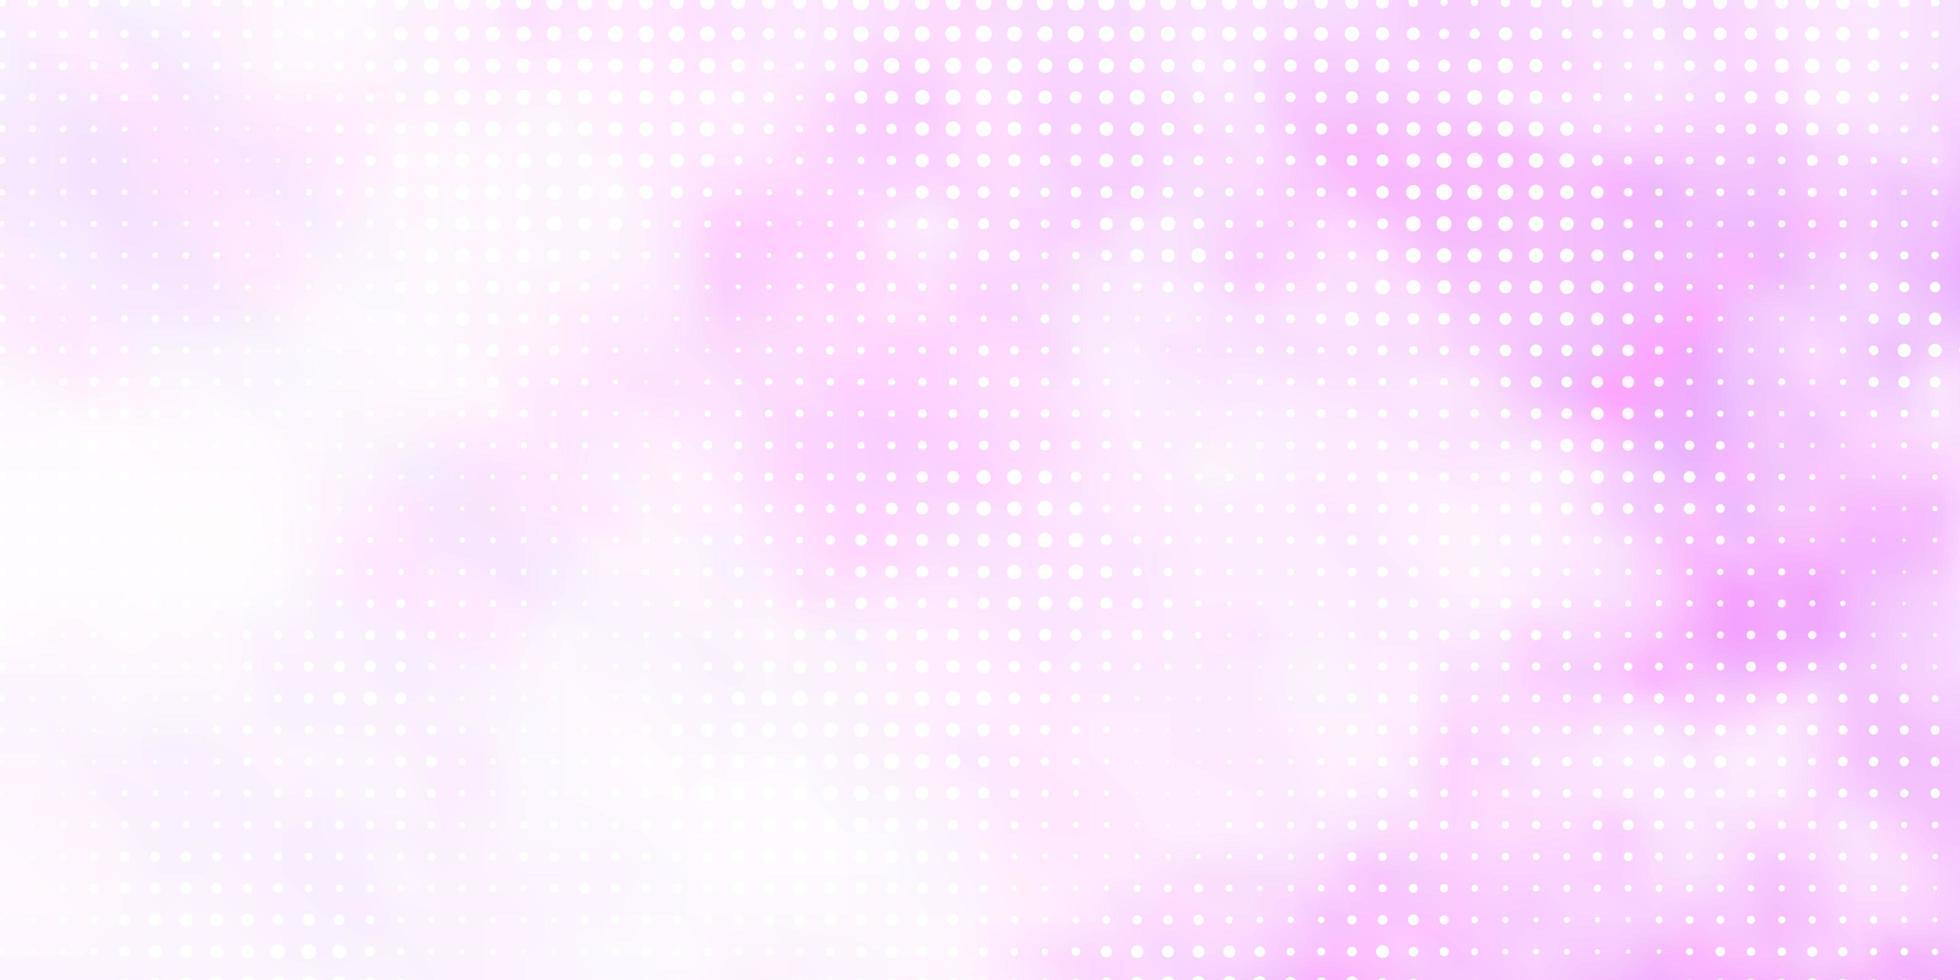 modelo de vetor roxo claro com círculos.